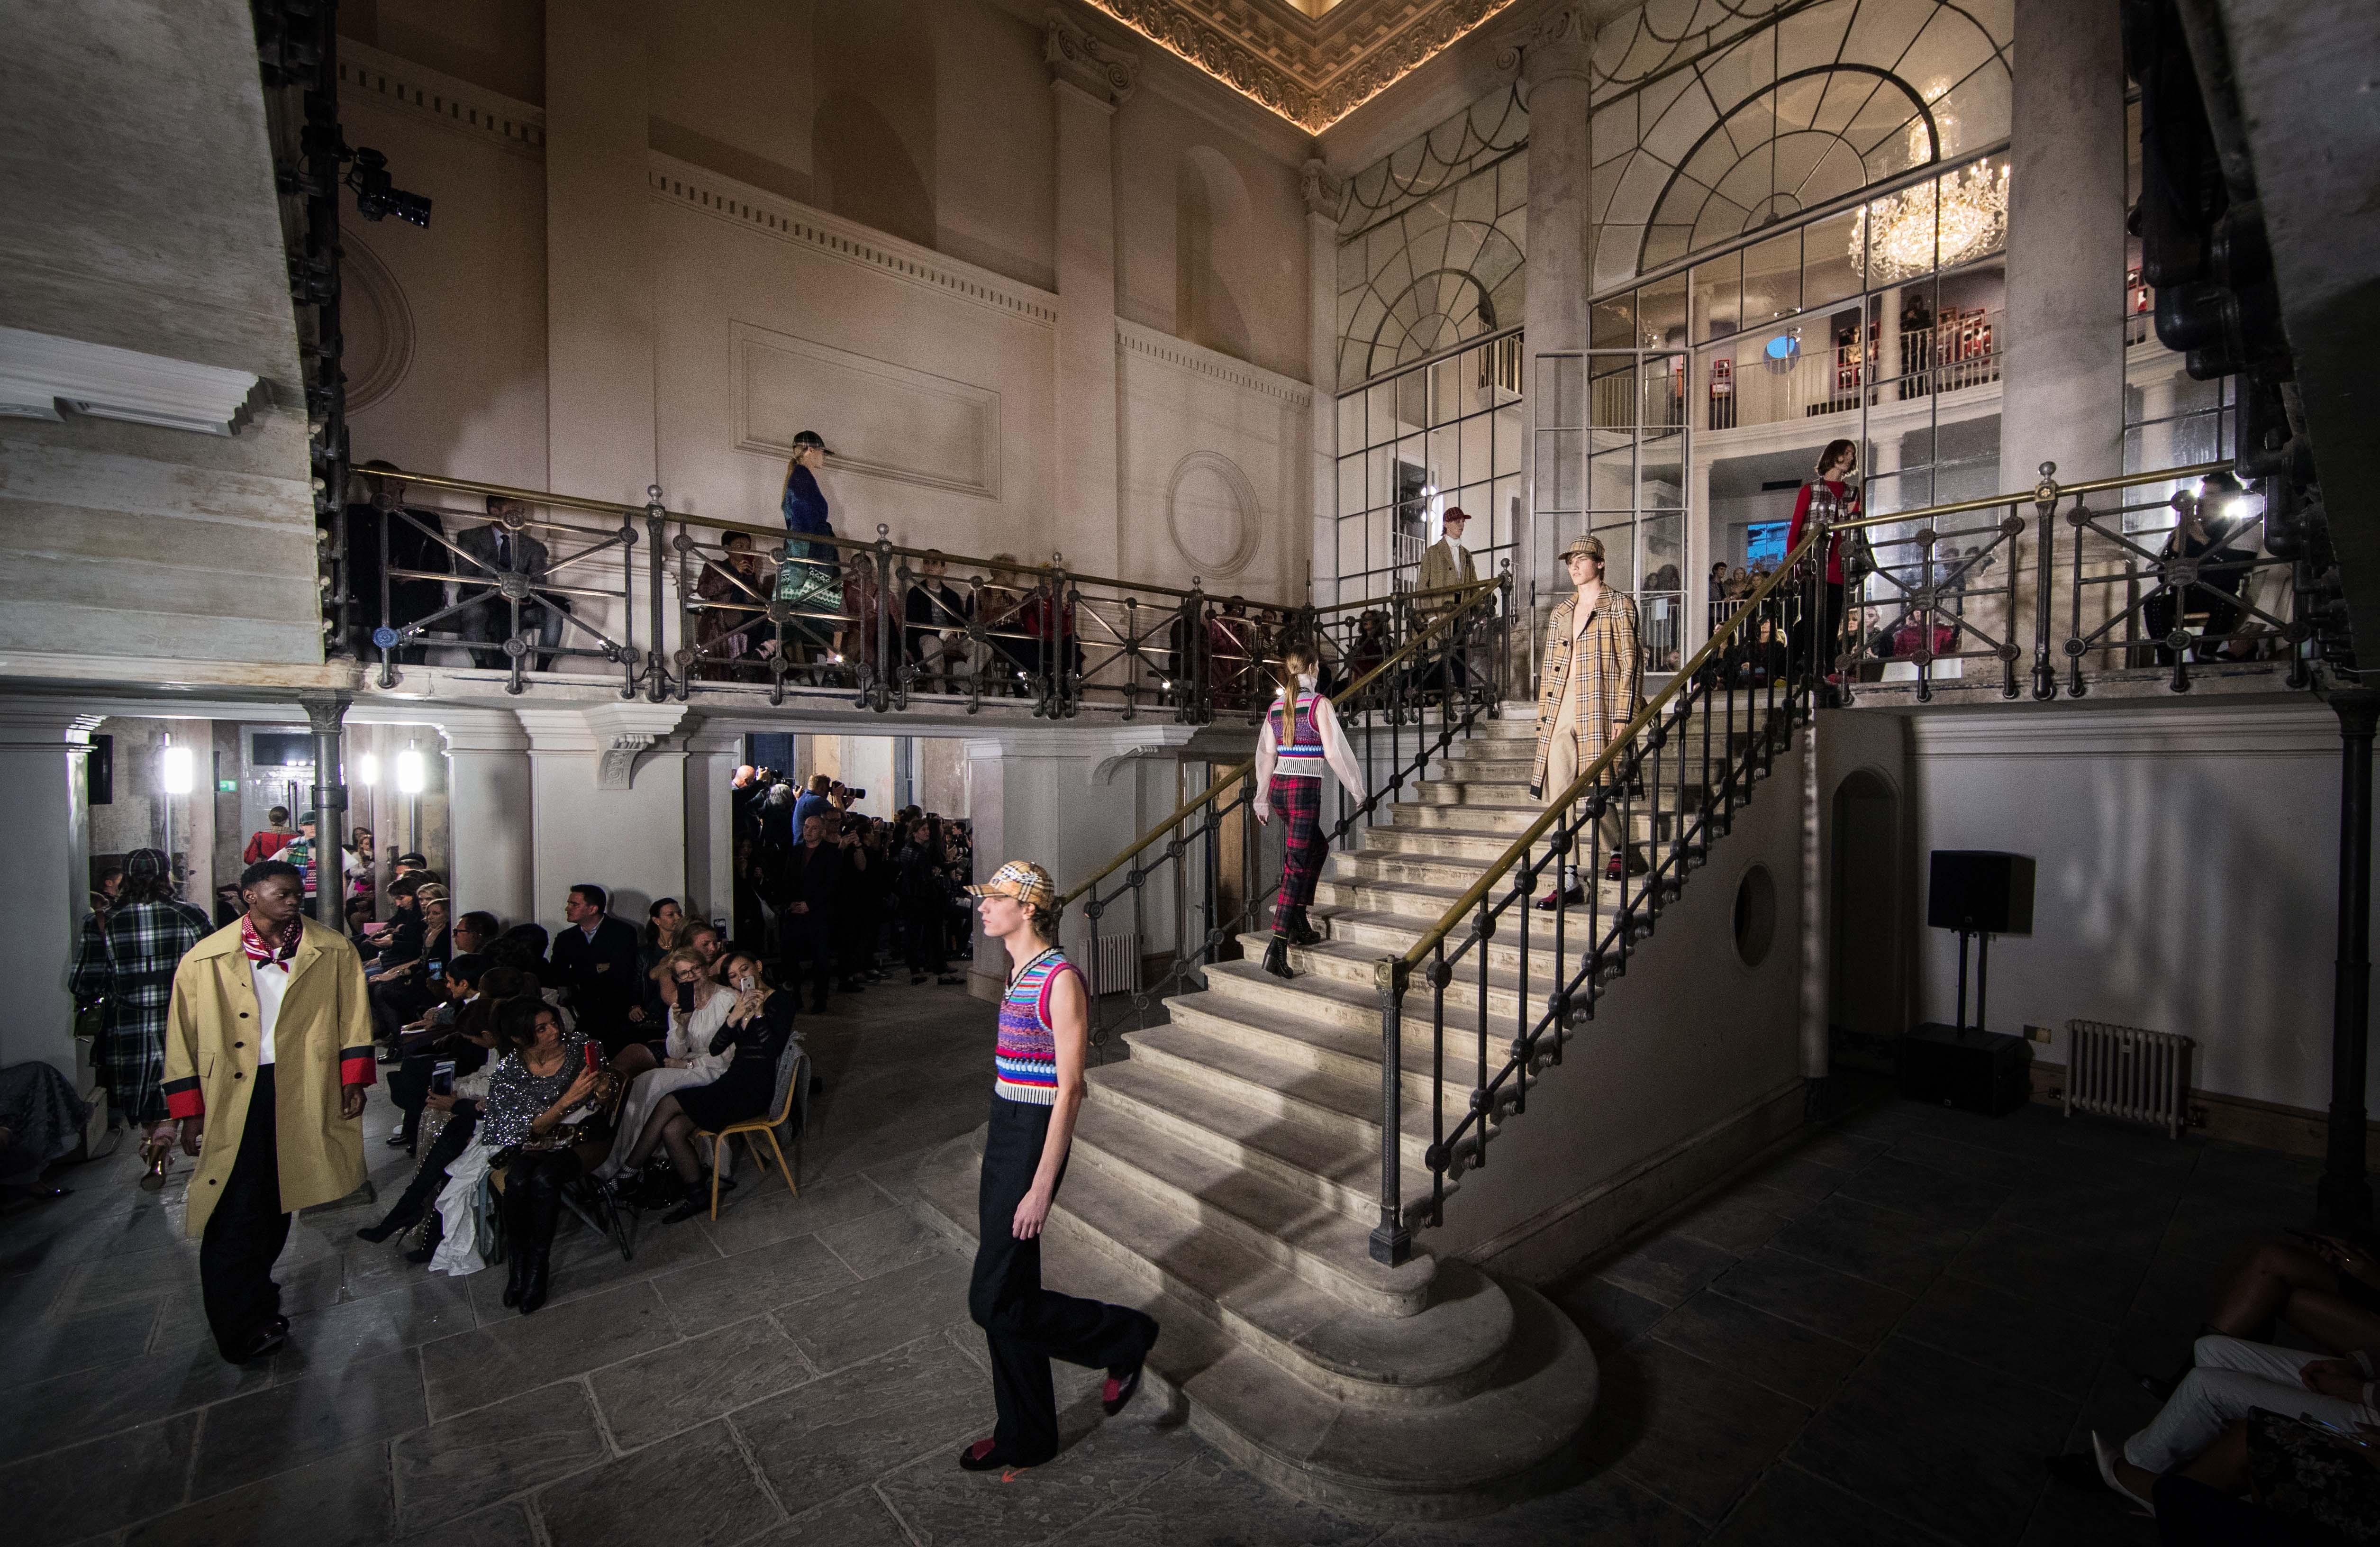 Lançamento da nova coleção da Burberry aconteceu em edifício de mais de 250 anos (Foto: Divulgação)